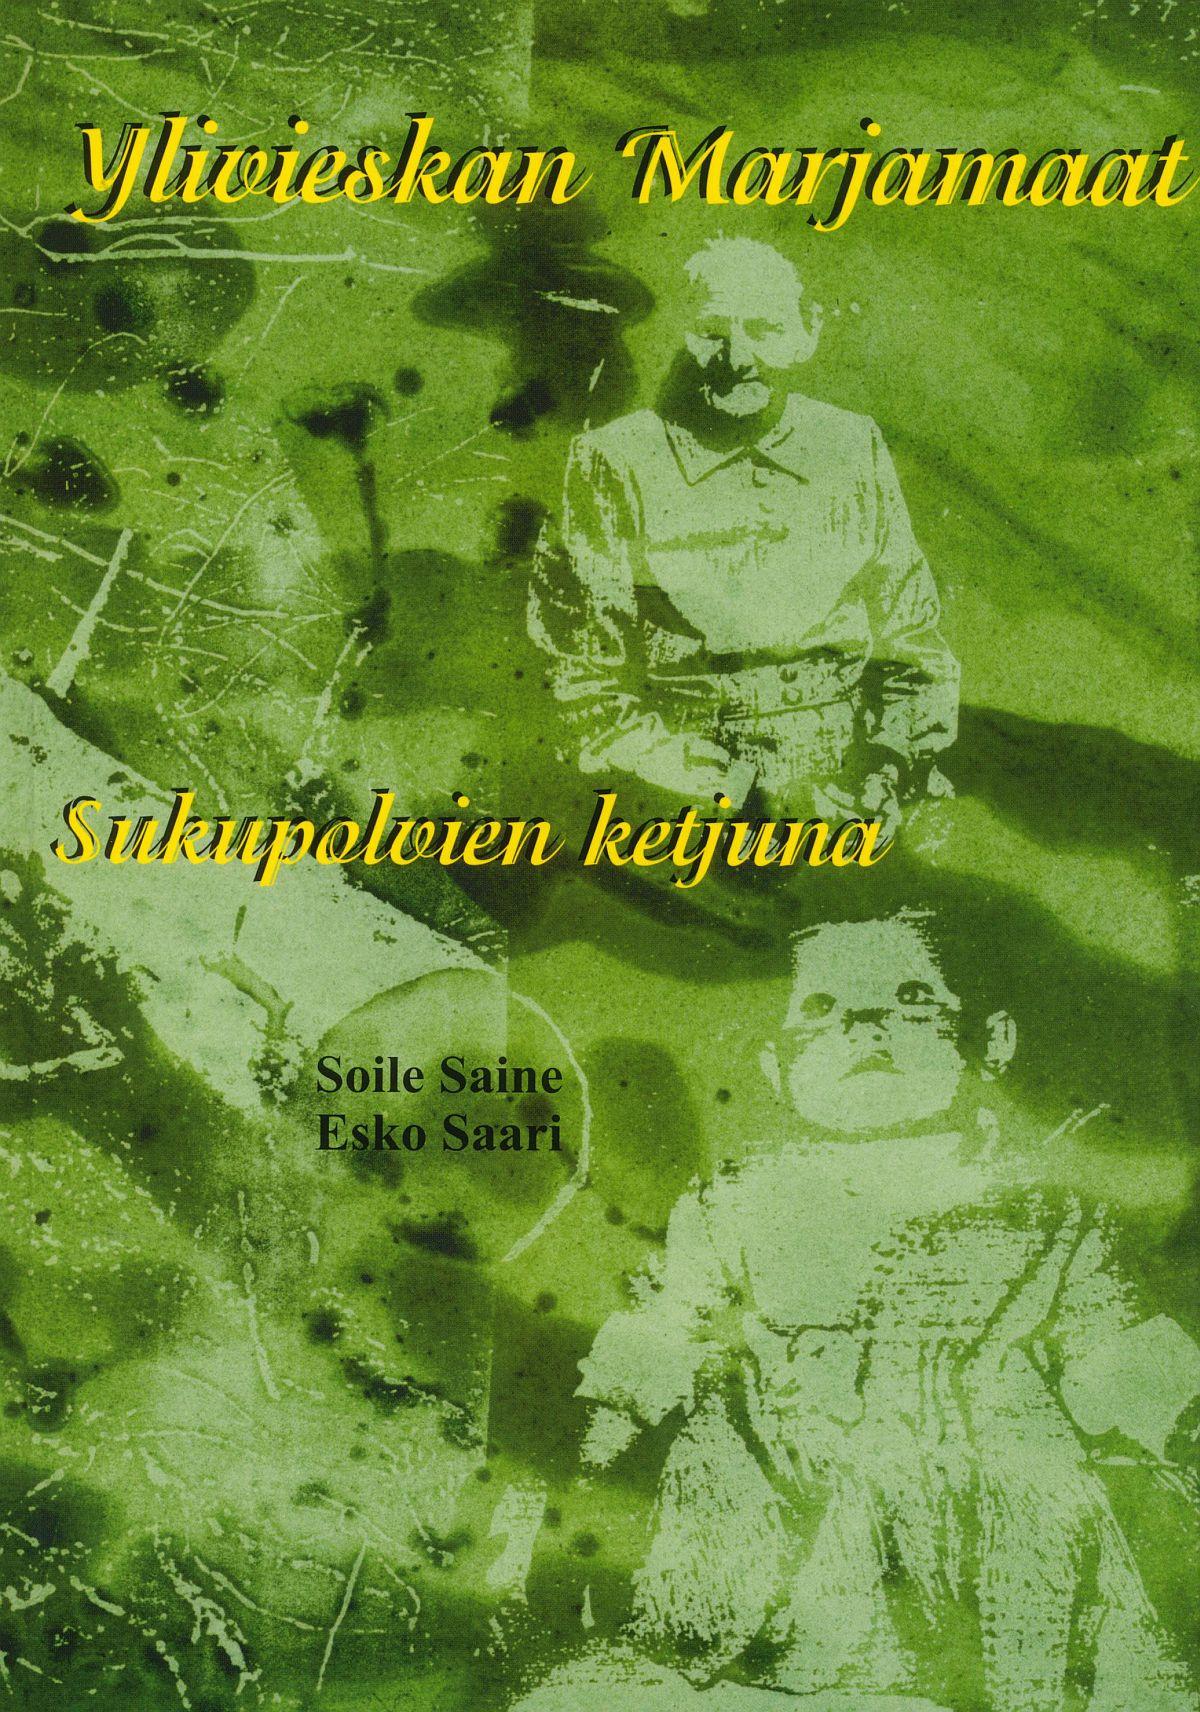 Soile Sainen ja Esko Saaren Ylivieskan Marjamaat teoksen kansikuva